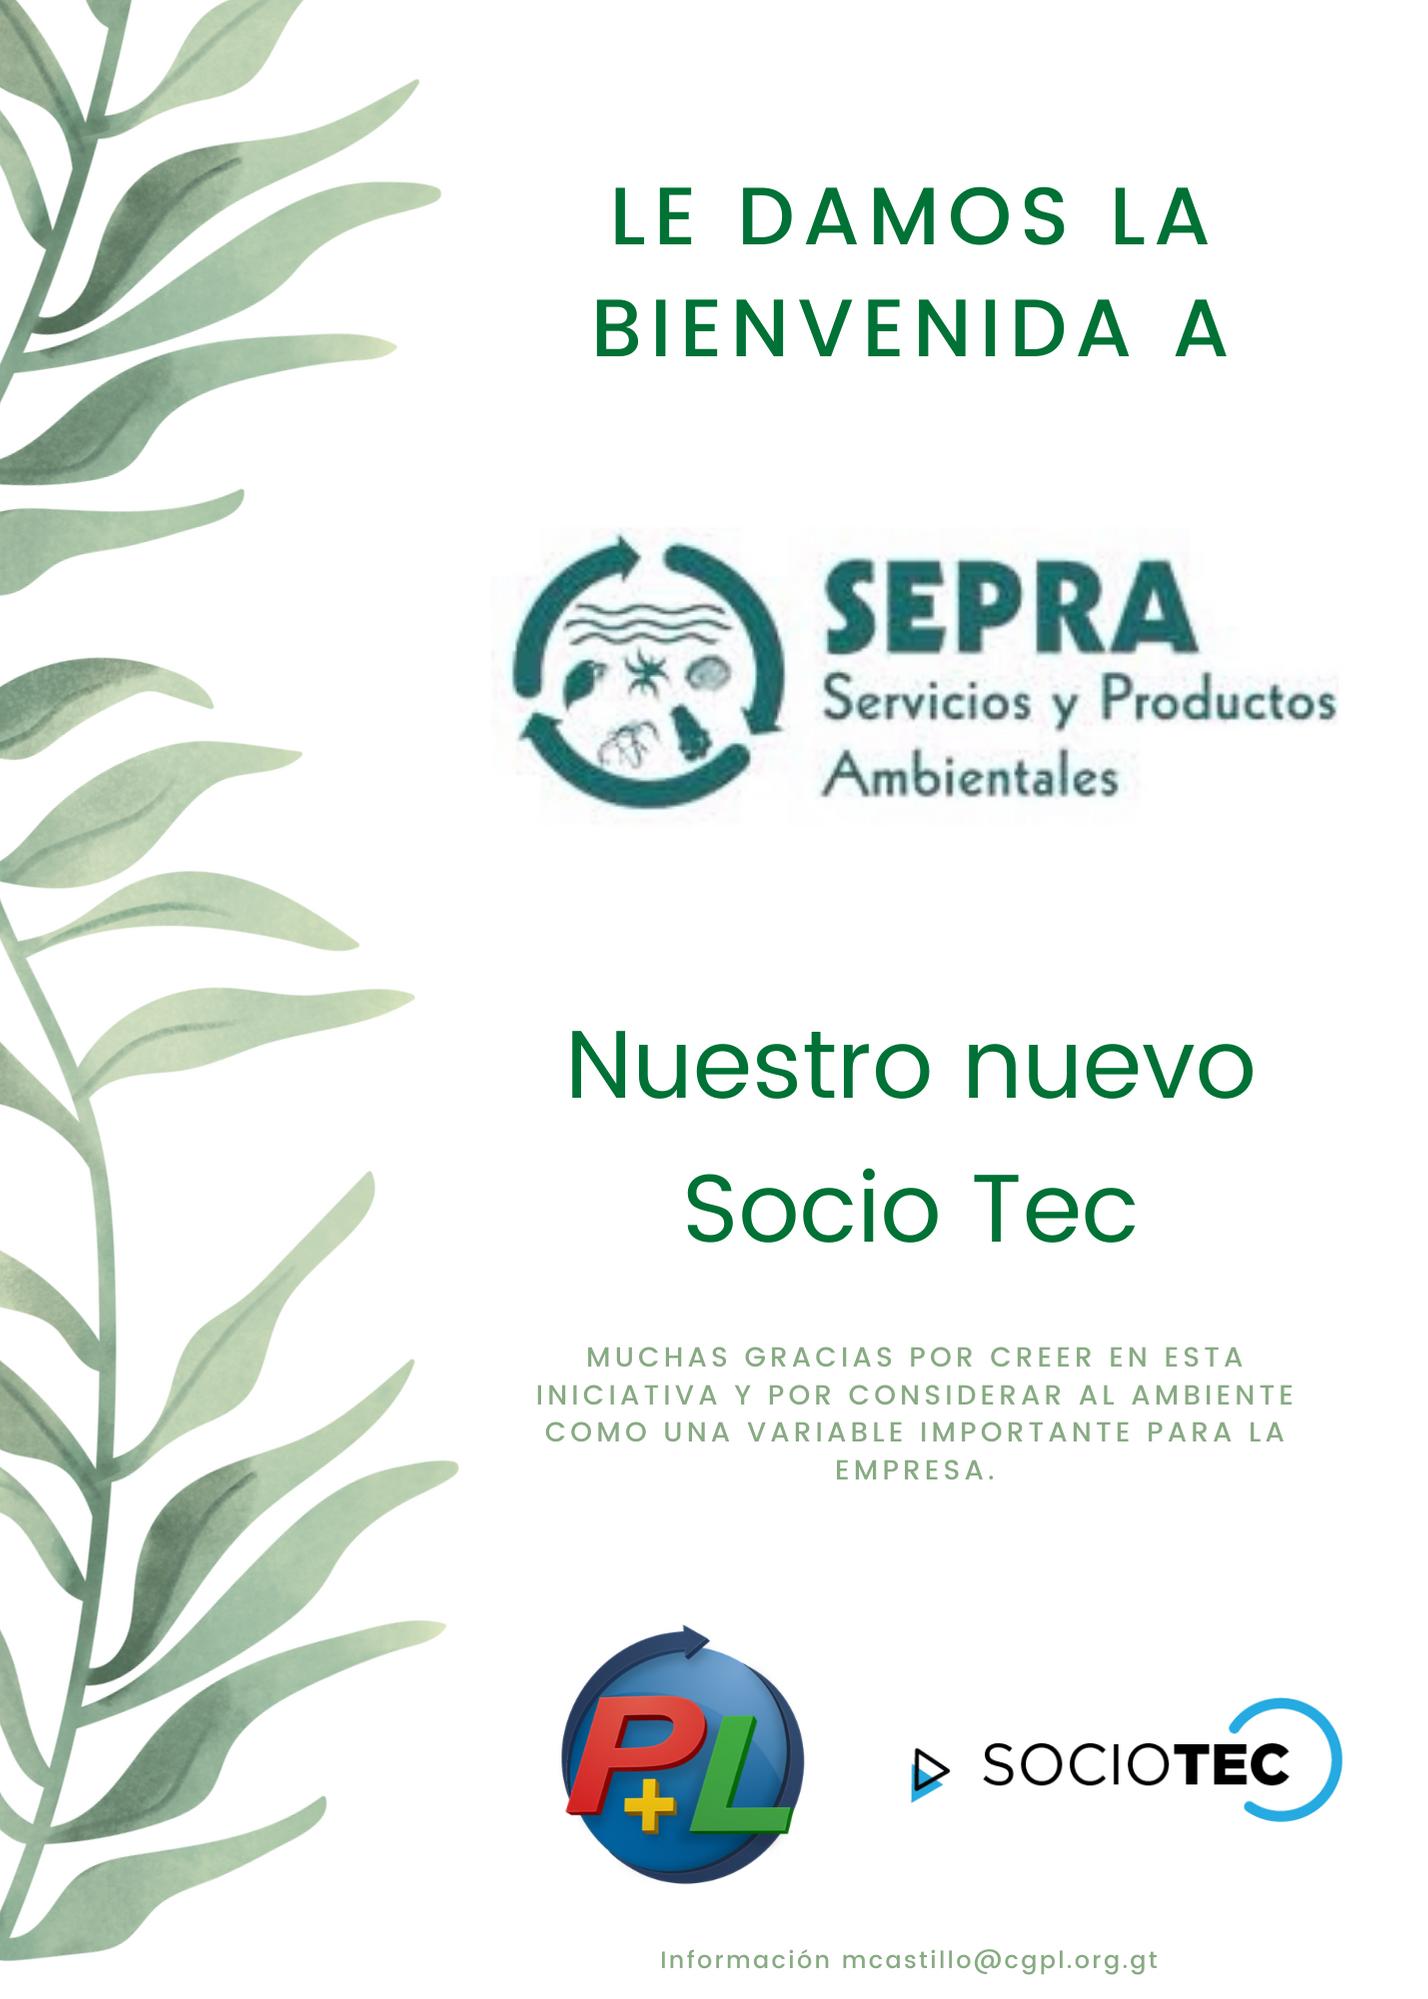 Le Damos La Bienvenida A Nuestro Nuevo Socio Tec, SEPRA